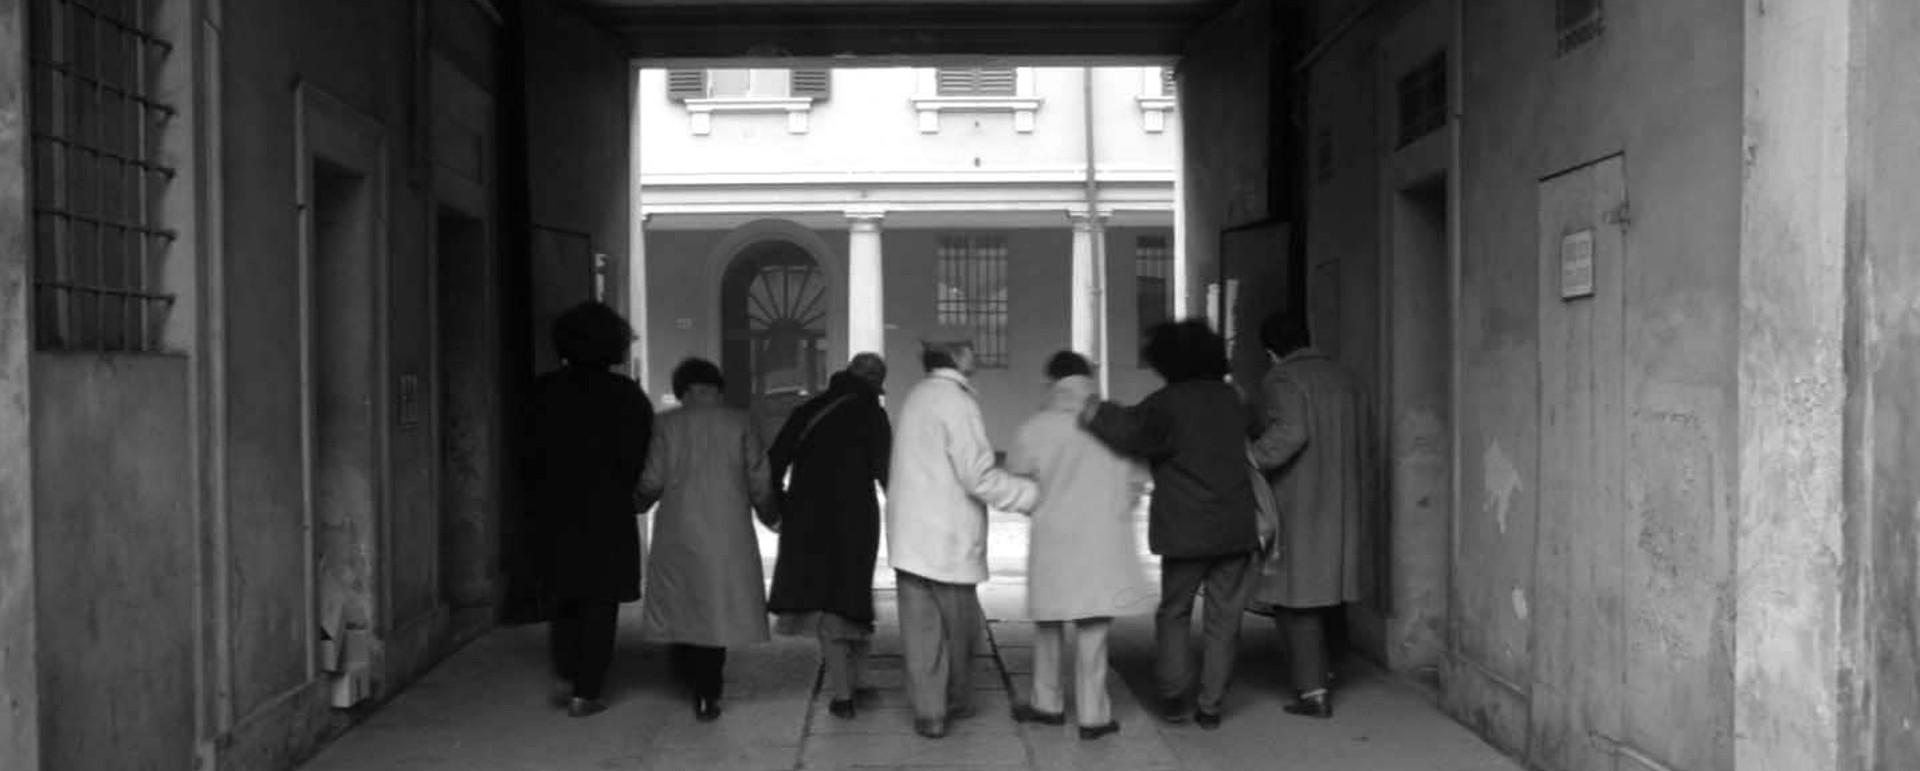 """Foto dalla mostra """"Sant'Isaia 96: una casa per uscire"""